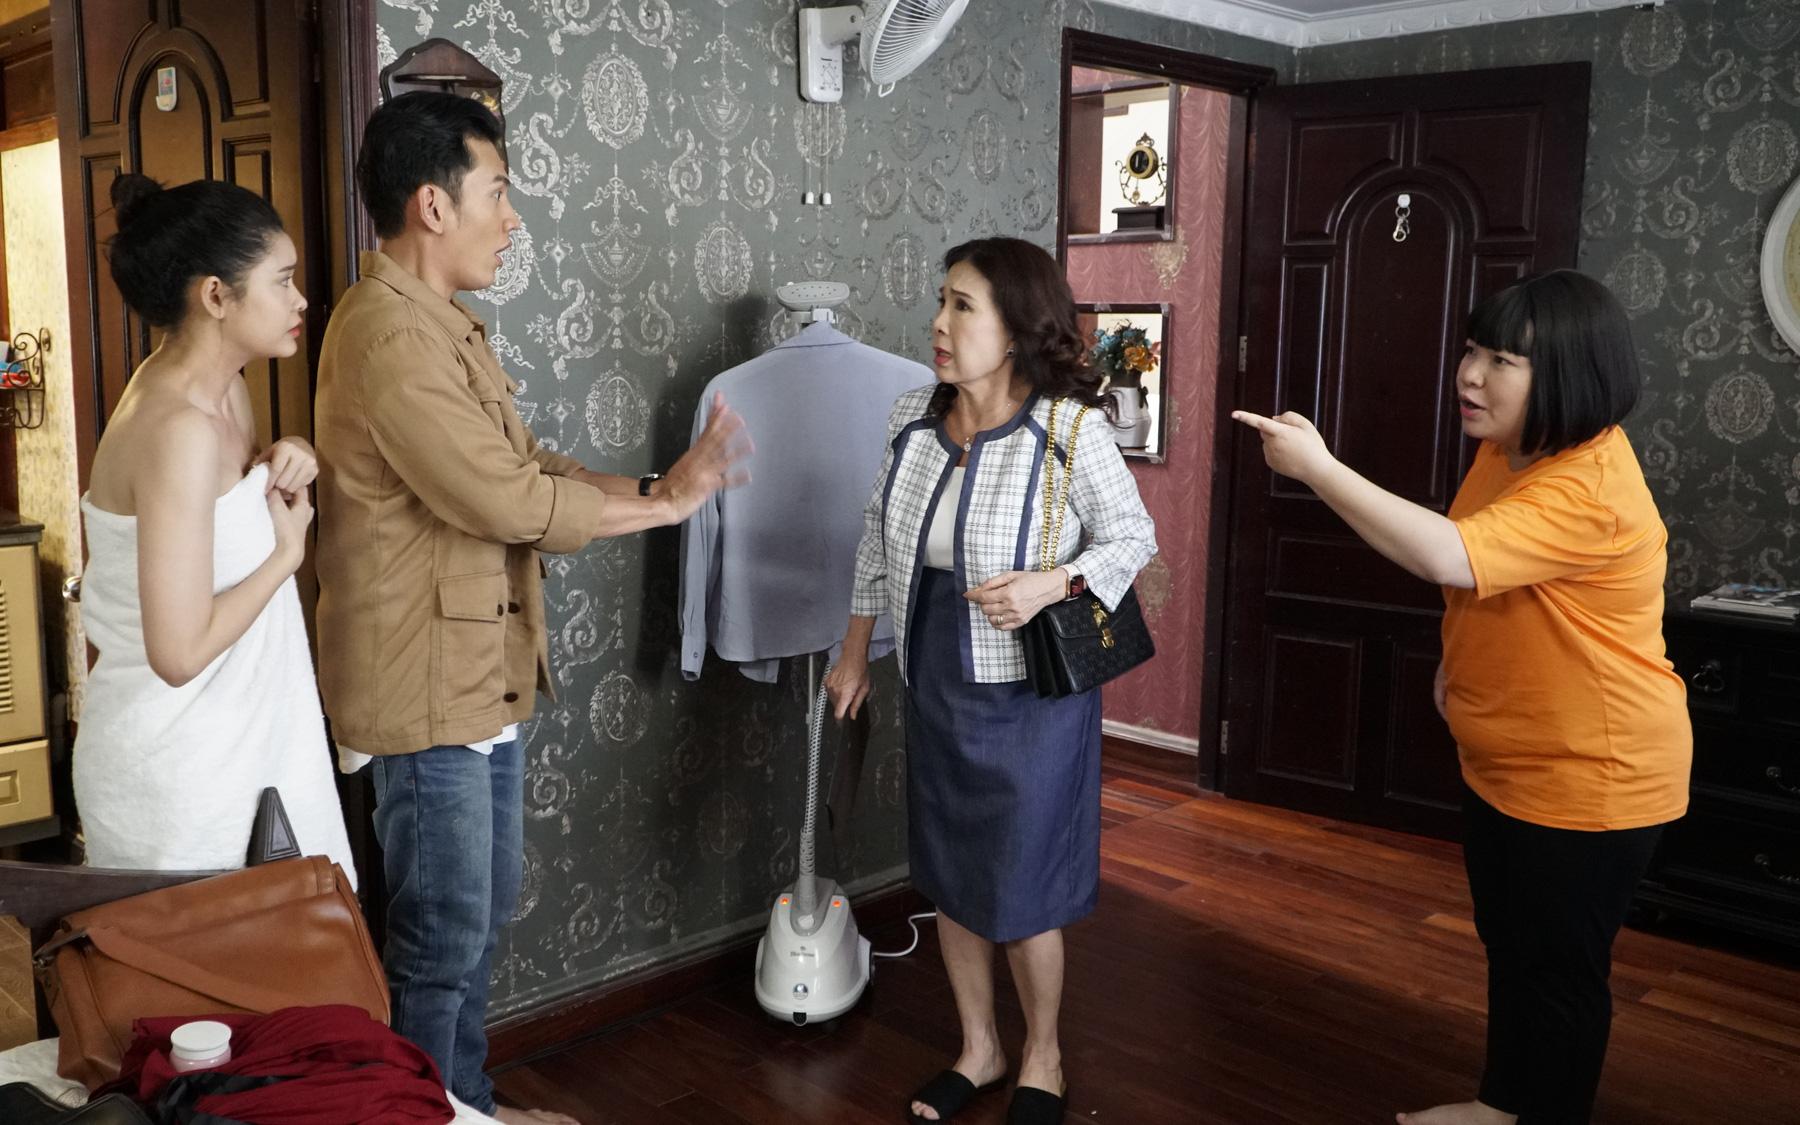 Những phim truyền hình Việt ấn tượng nhất 2020: Phim từng được xem nhiều nhất là một cái tên gây bất ngờ - Ảnh 7.